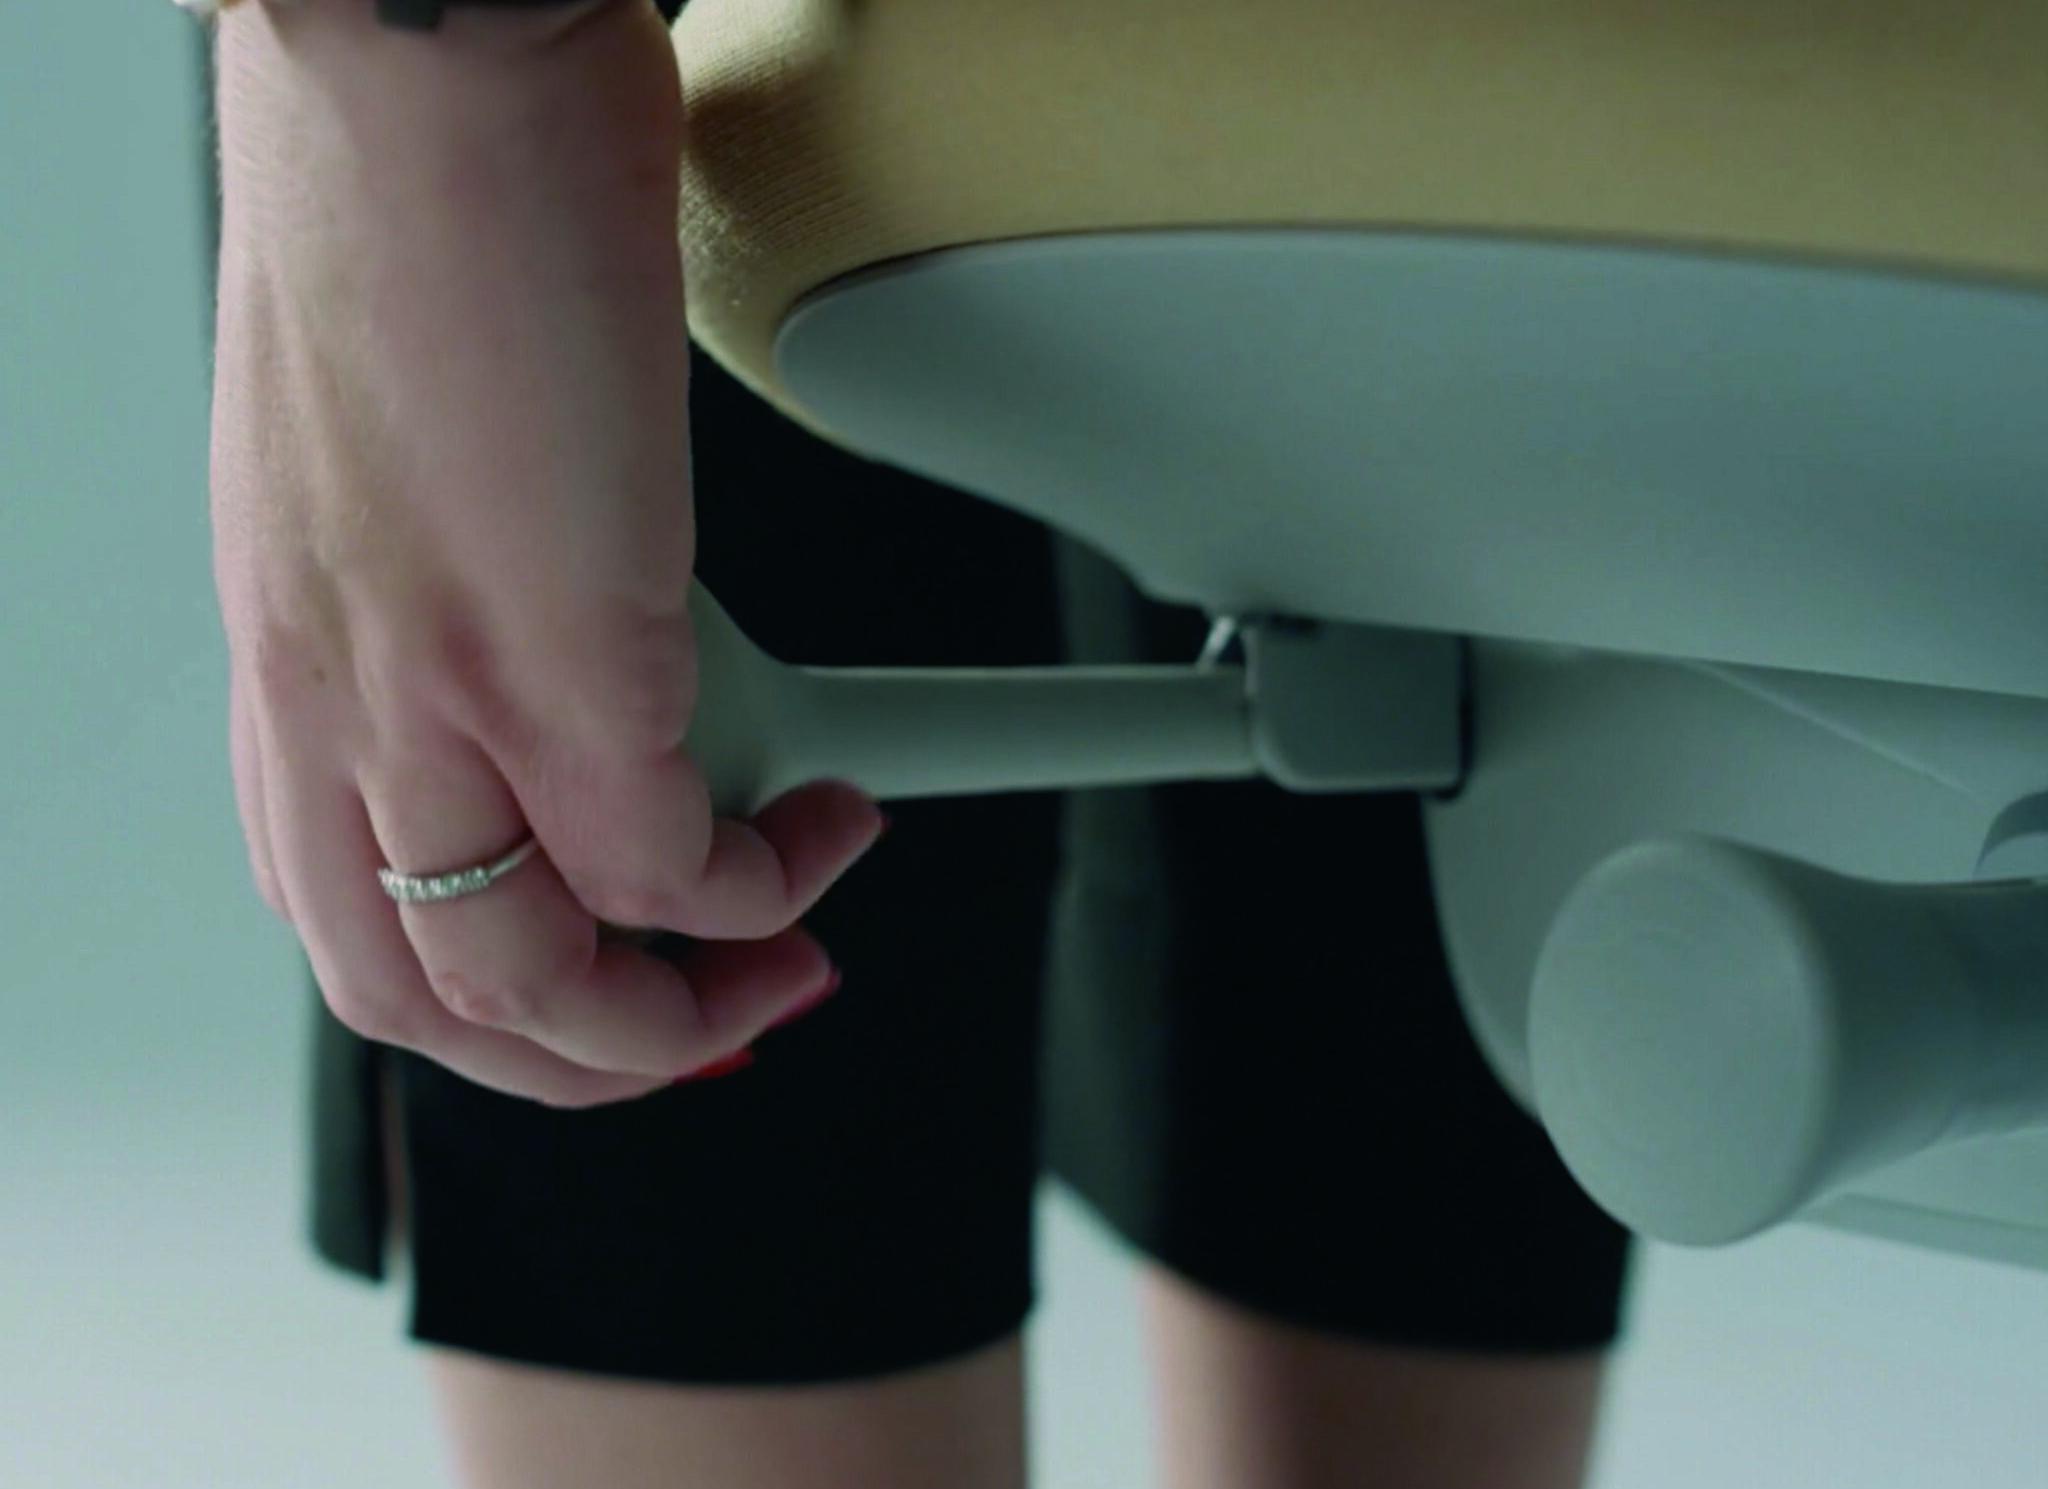 HAG kantoormeubilair ergonomie Den Haag Heering Office 5